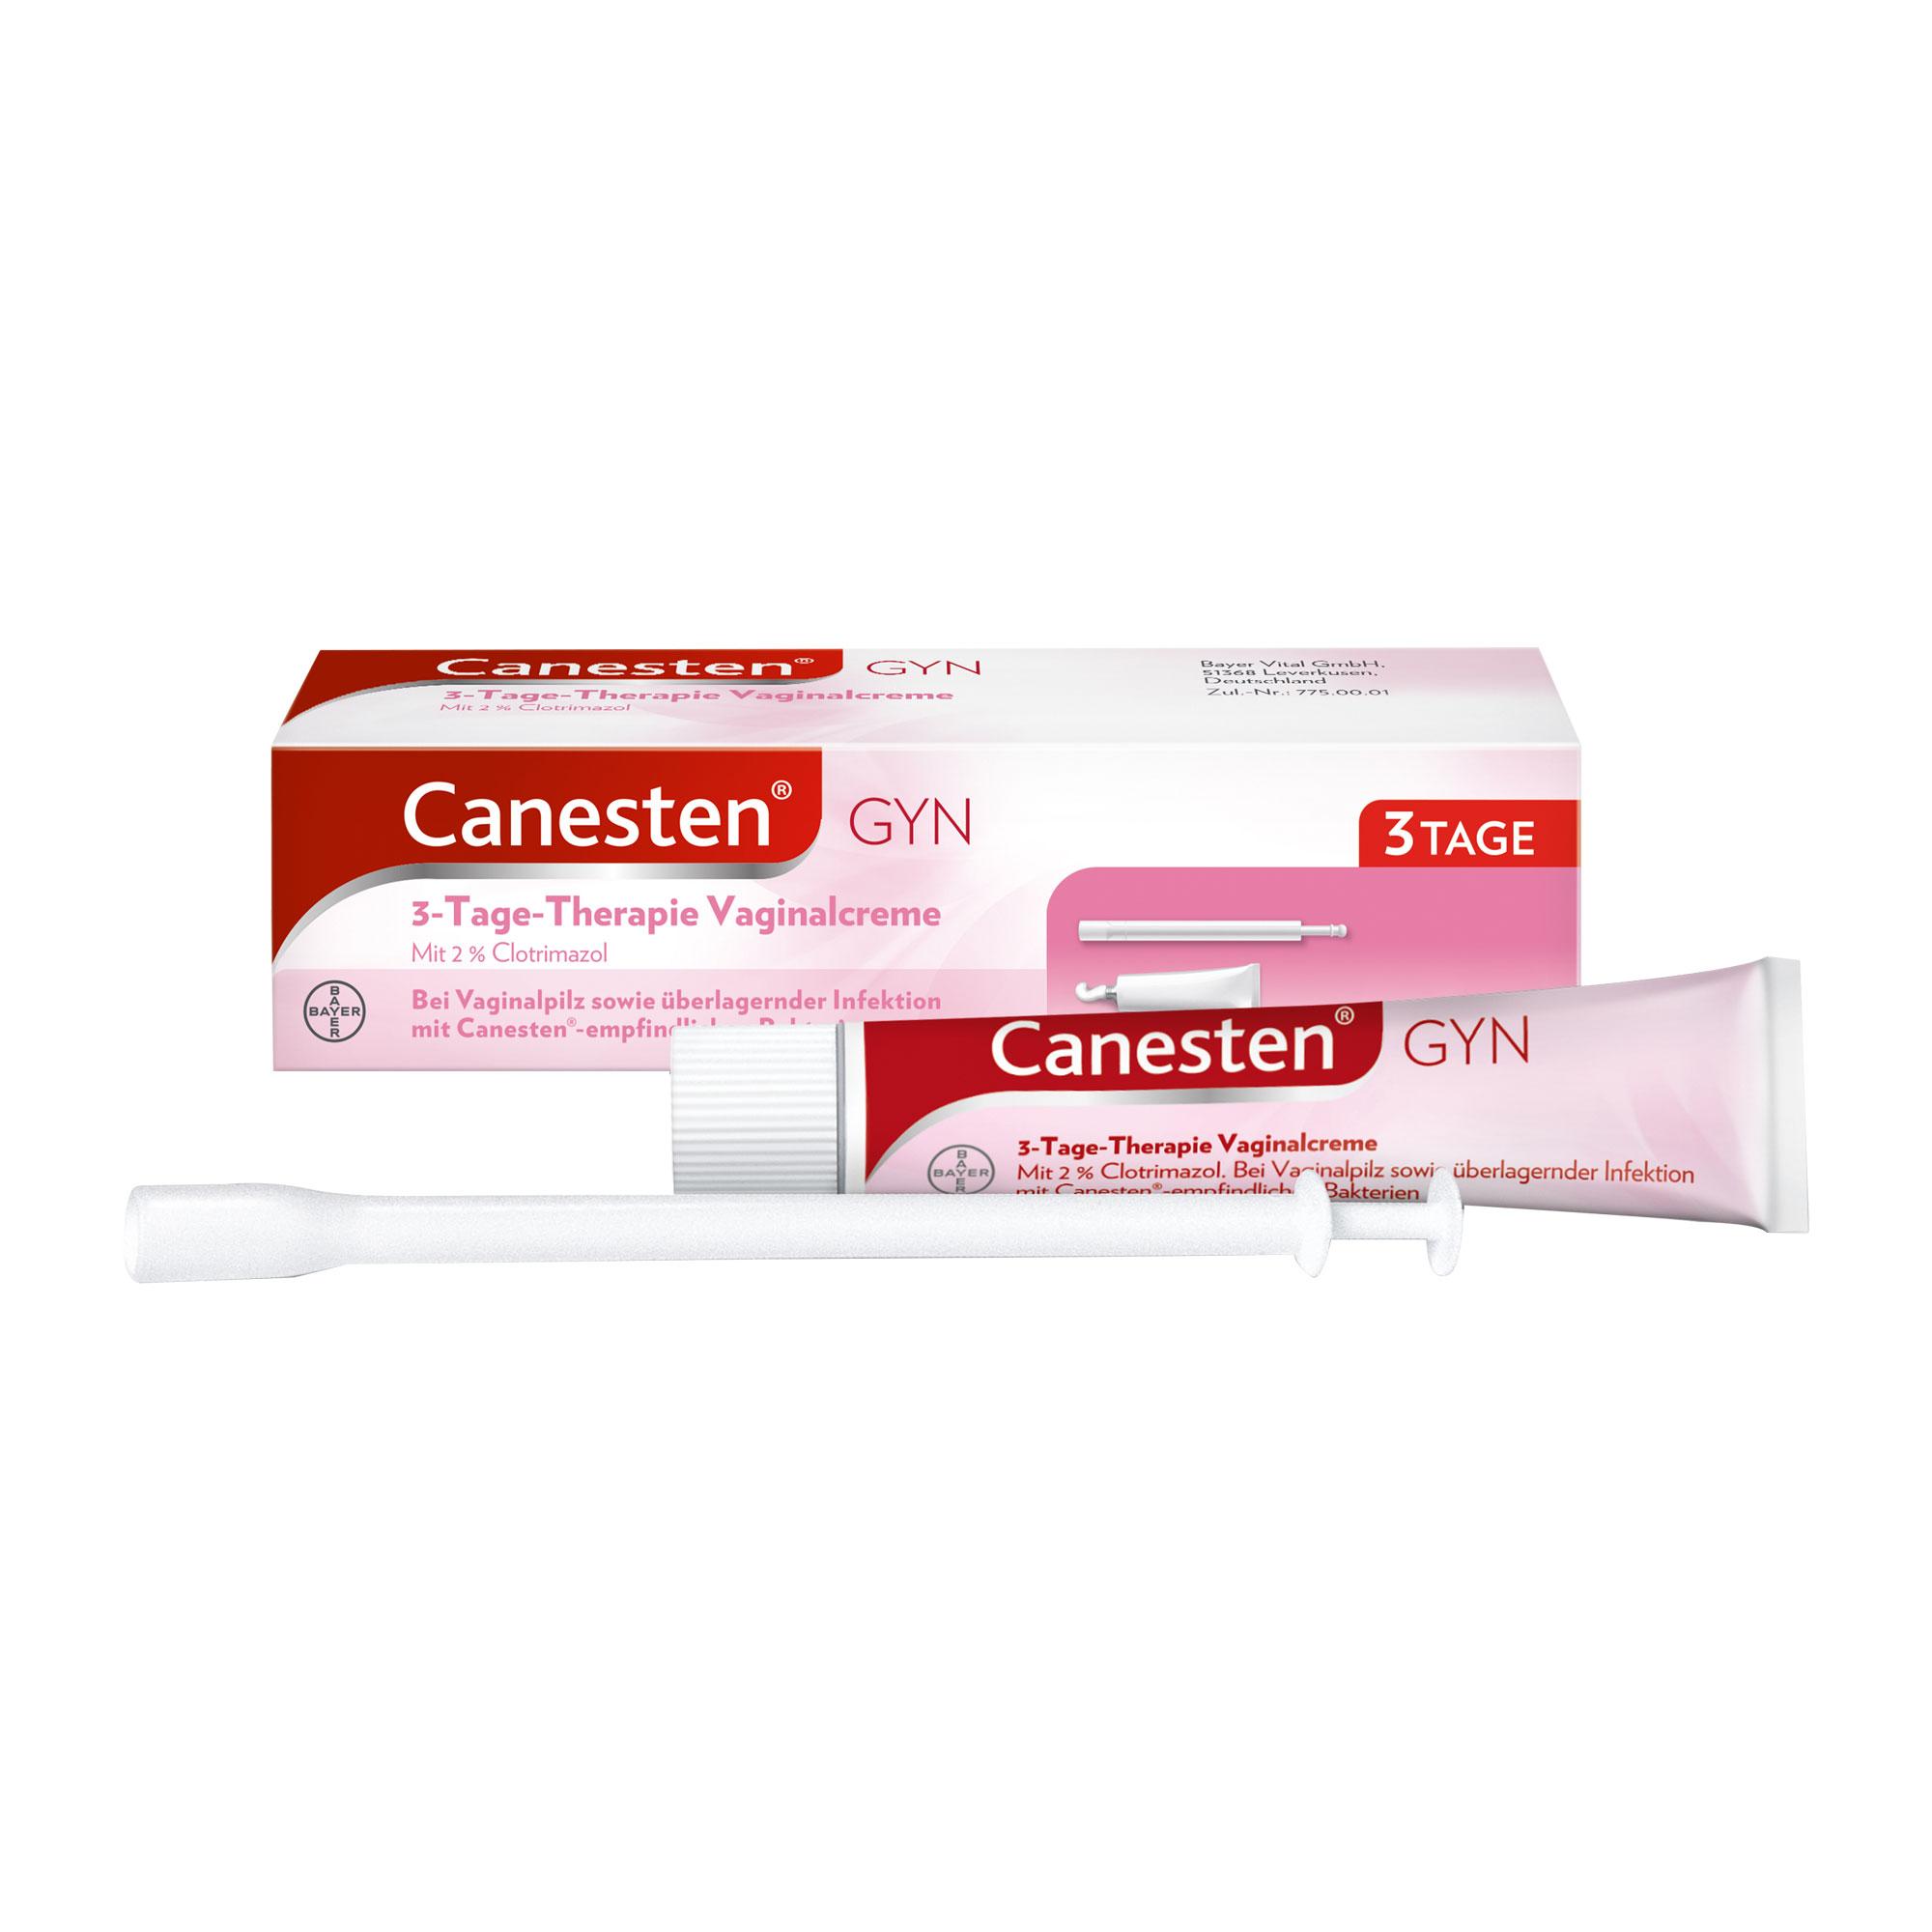 Canesten Gyn 3 Vaginalcreme